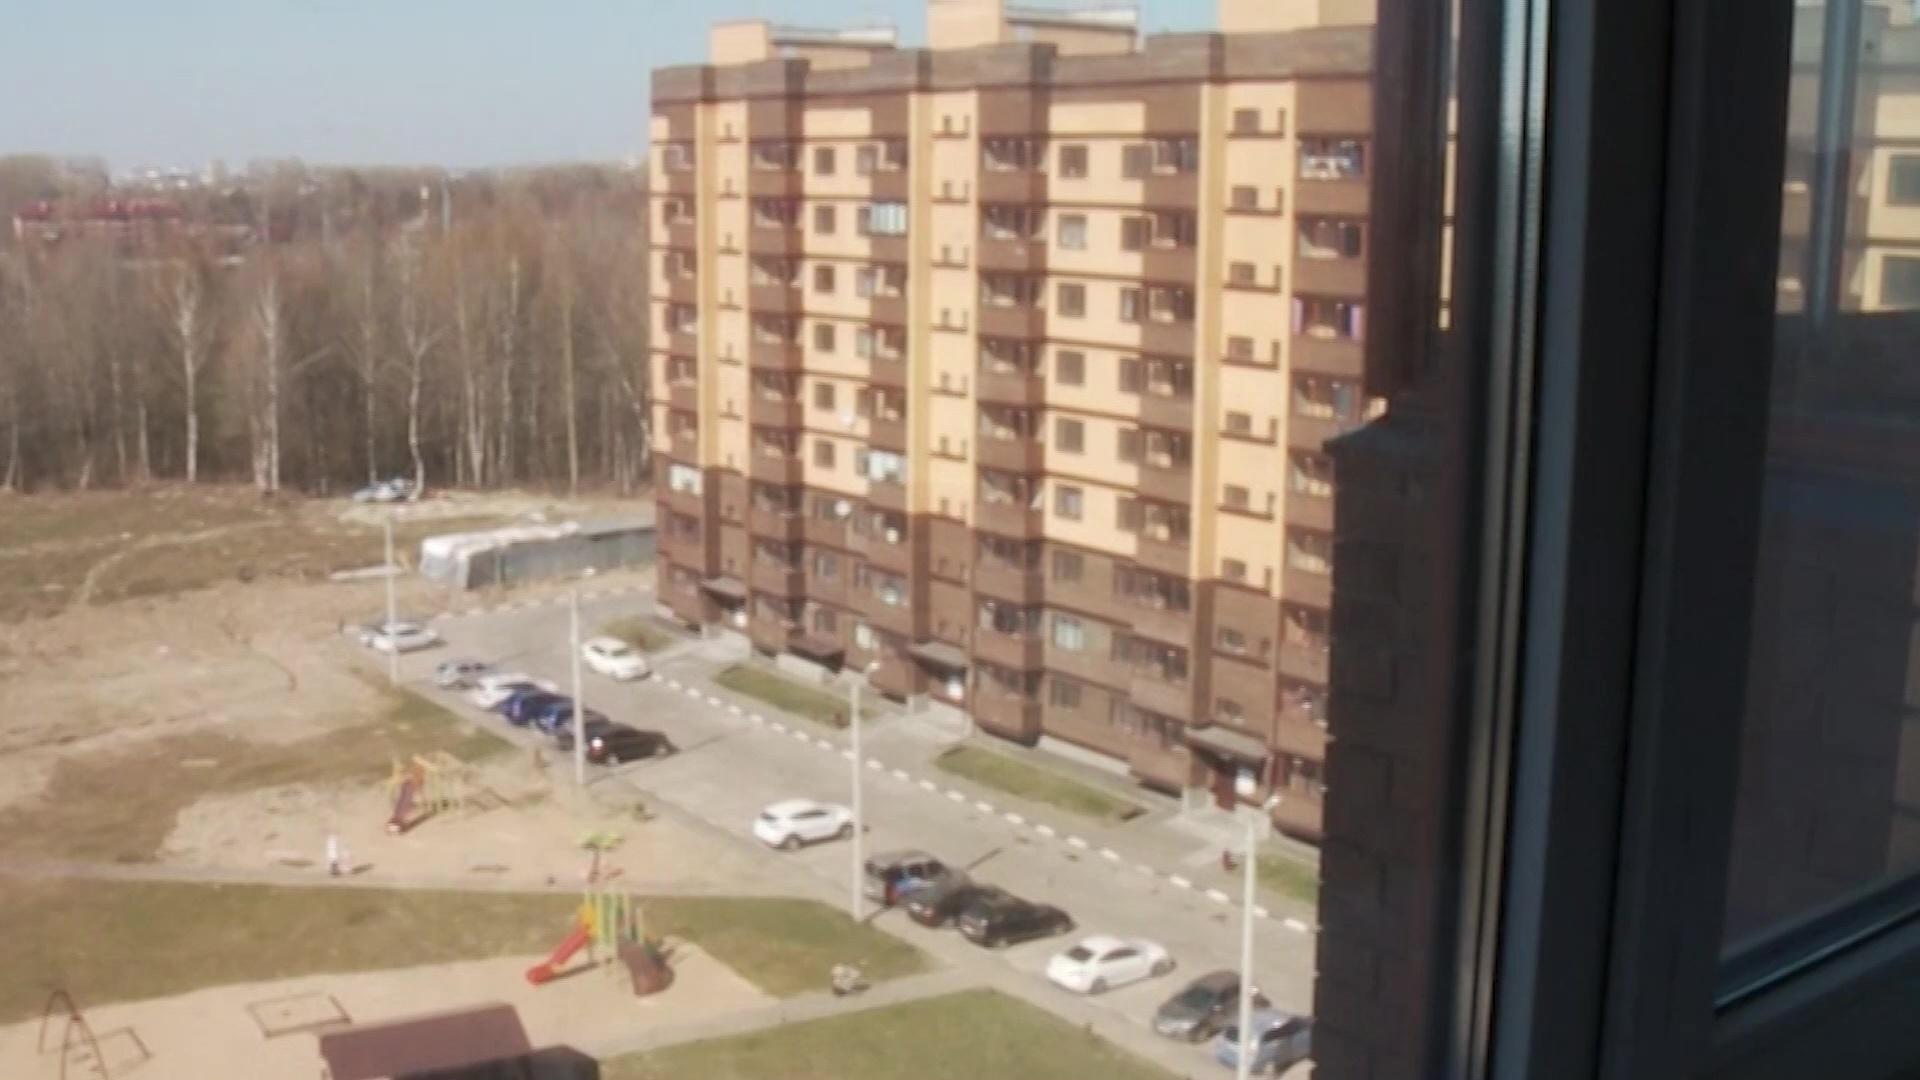 Для детей-сирот региона закупили более 200 квартир в этом году